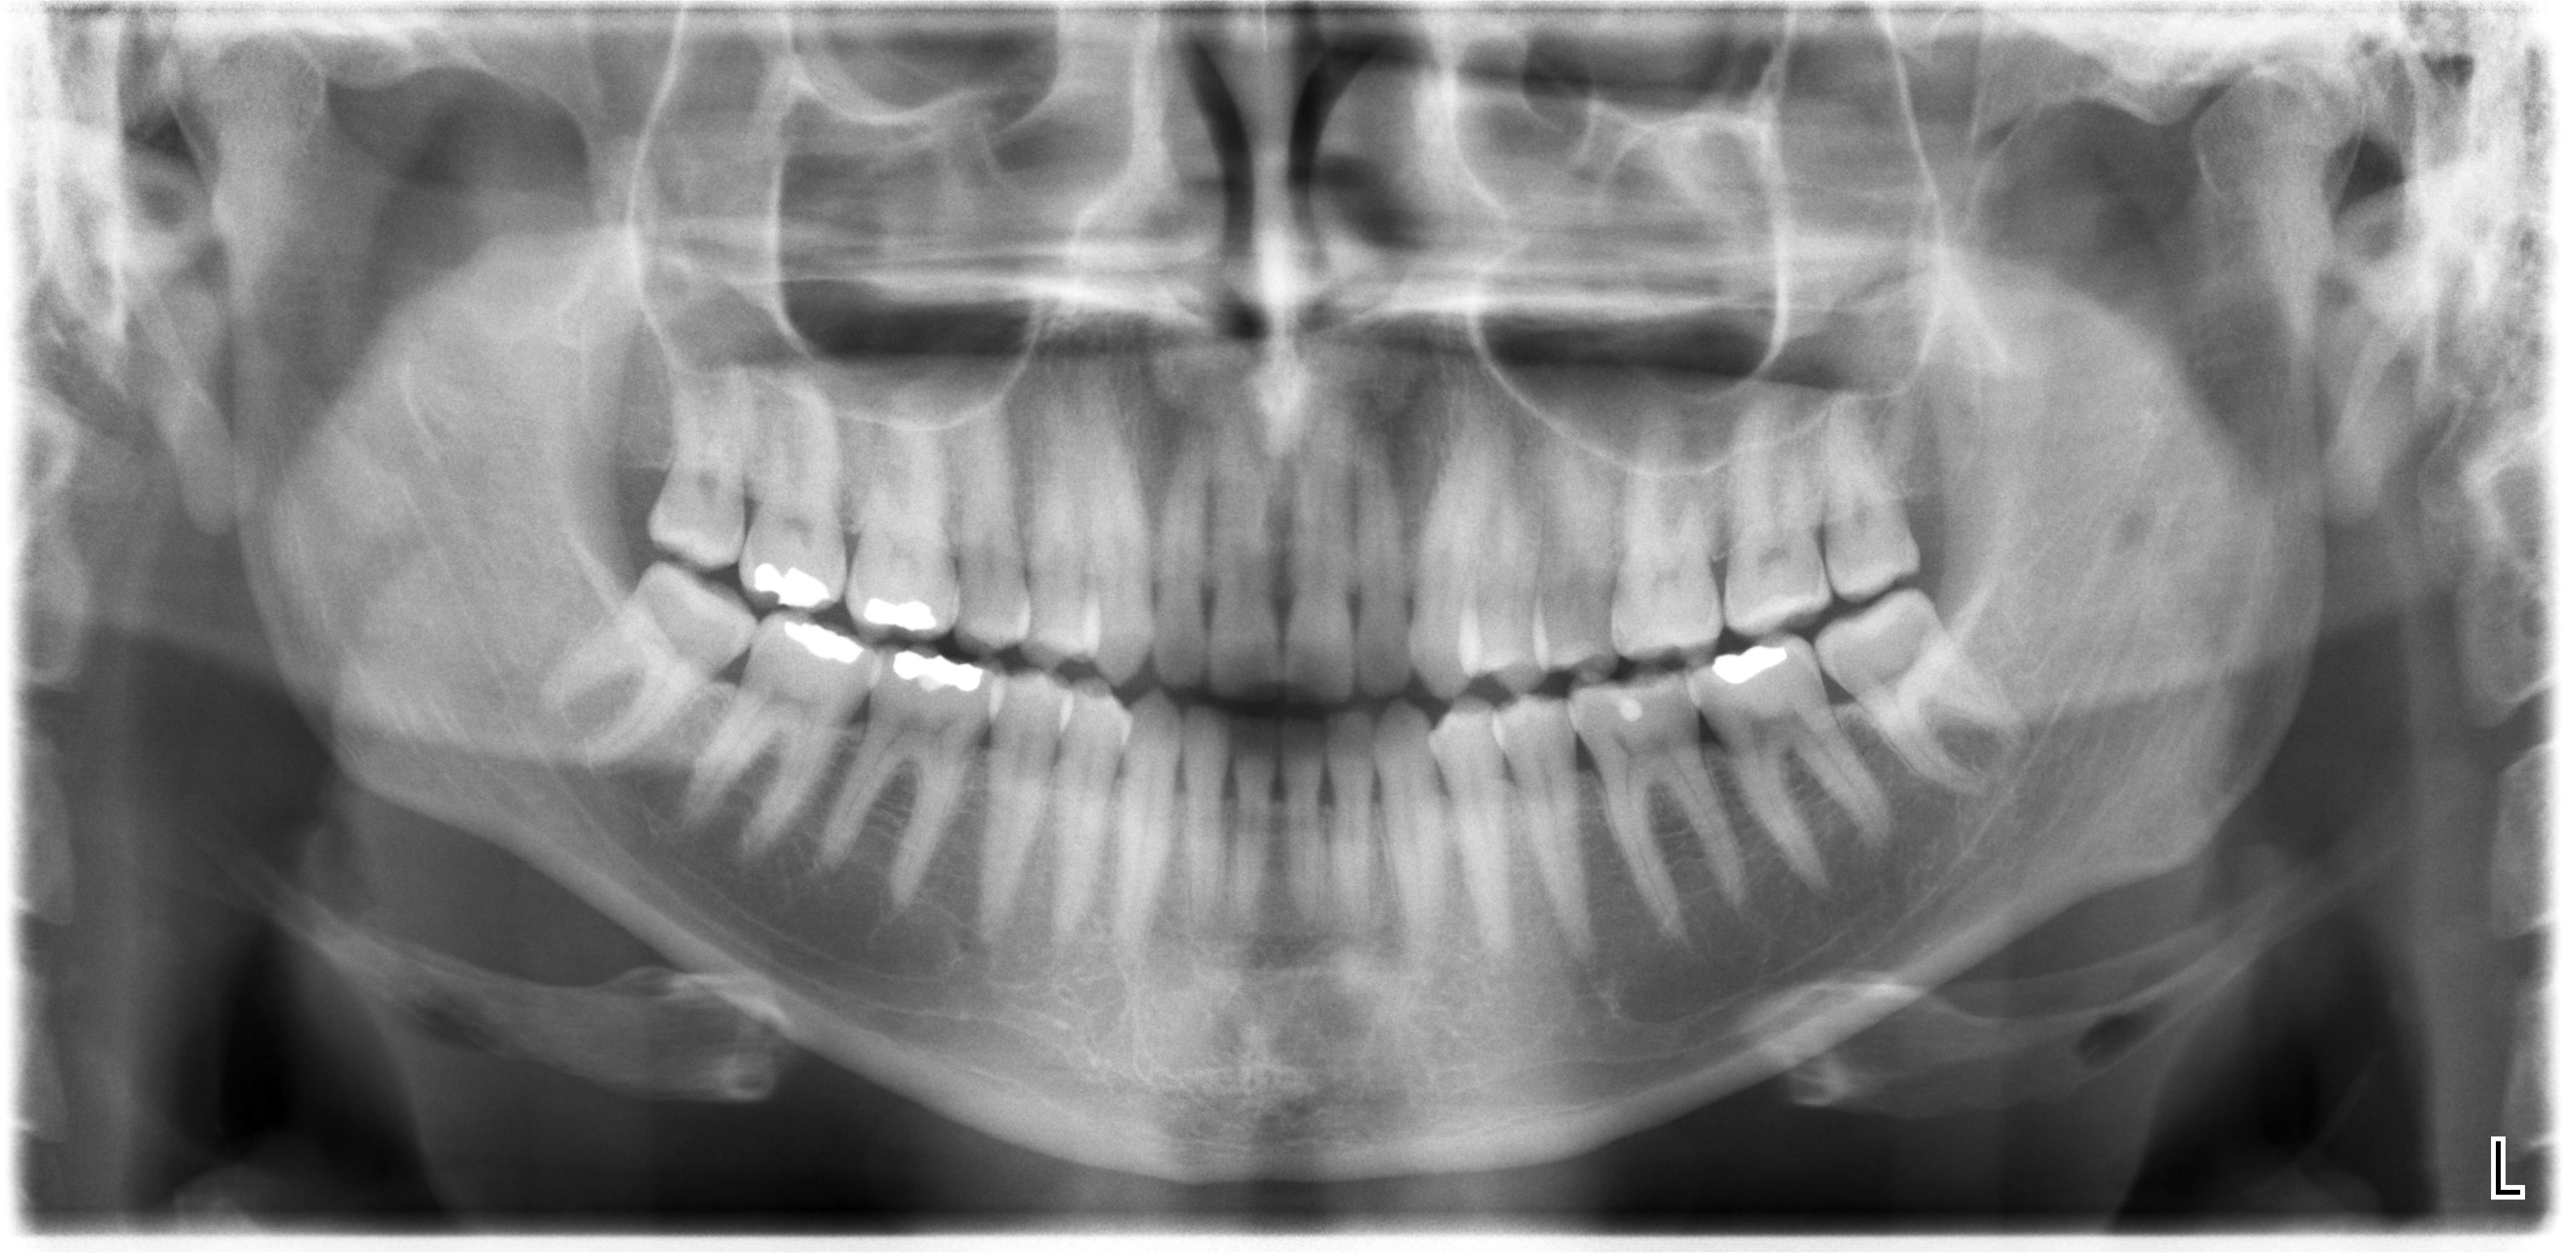 Dopo l'otturazione il dente ha iniziato a farmi male alla masticazione